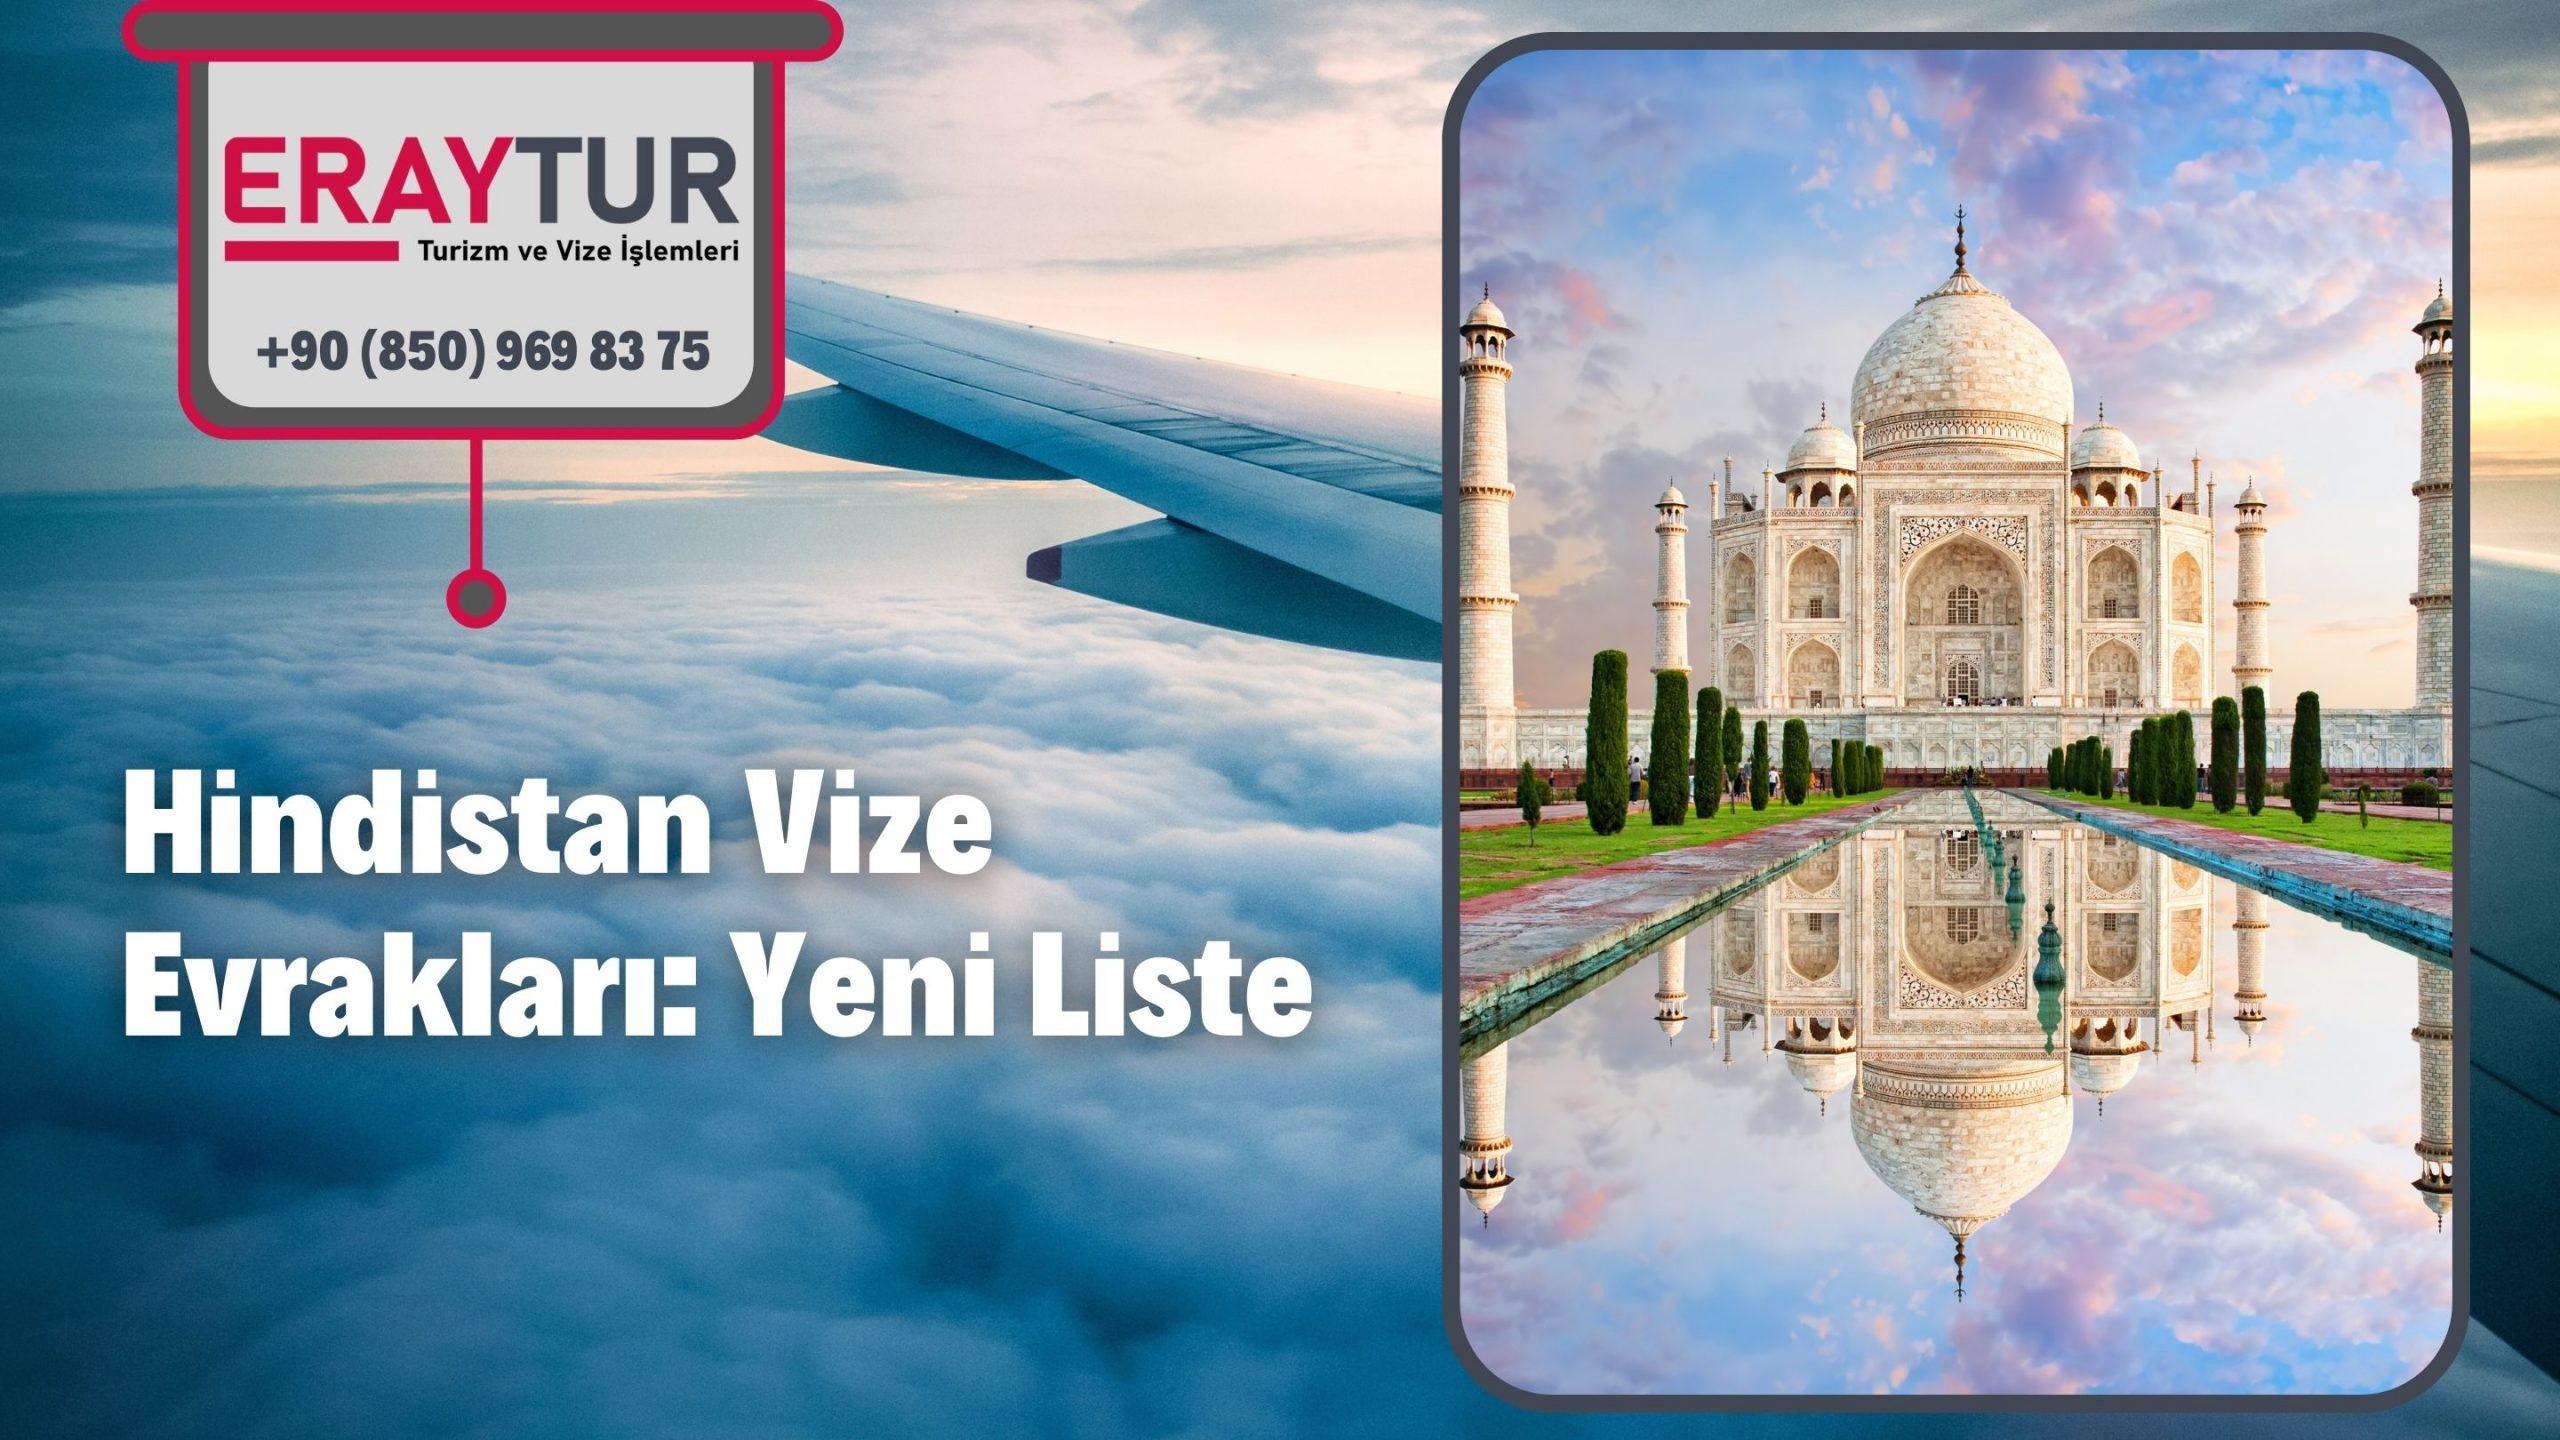 Hindistan Vize Evrakları: Yeni Liste [2021]